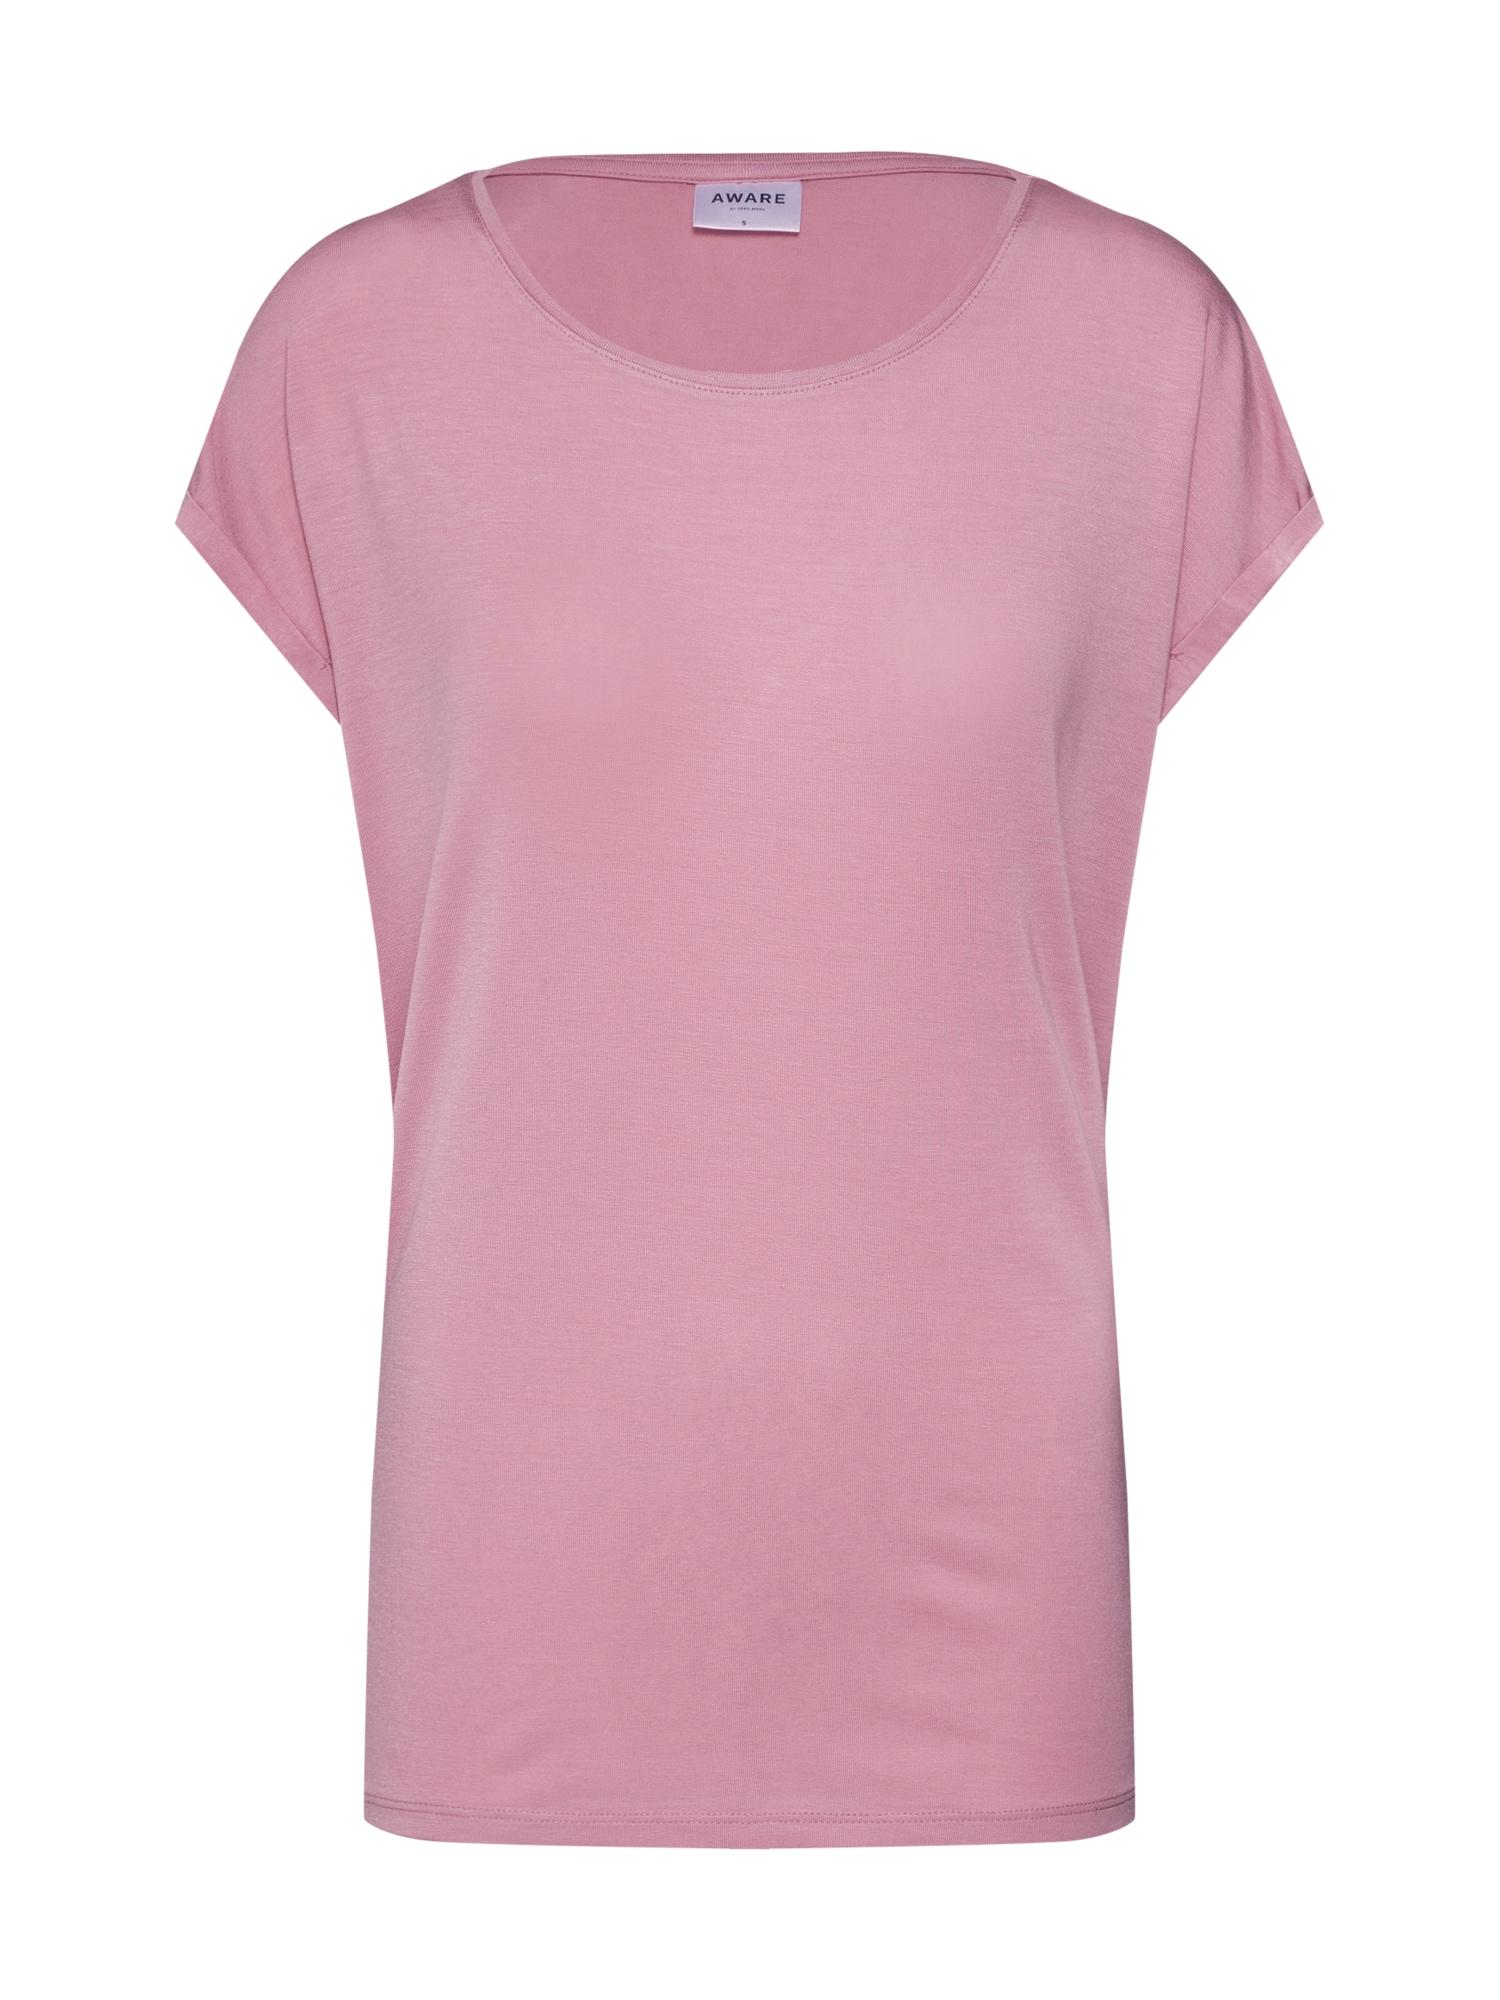 Oversized tričko Aware růžová VERO MODA